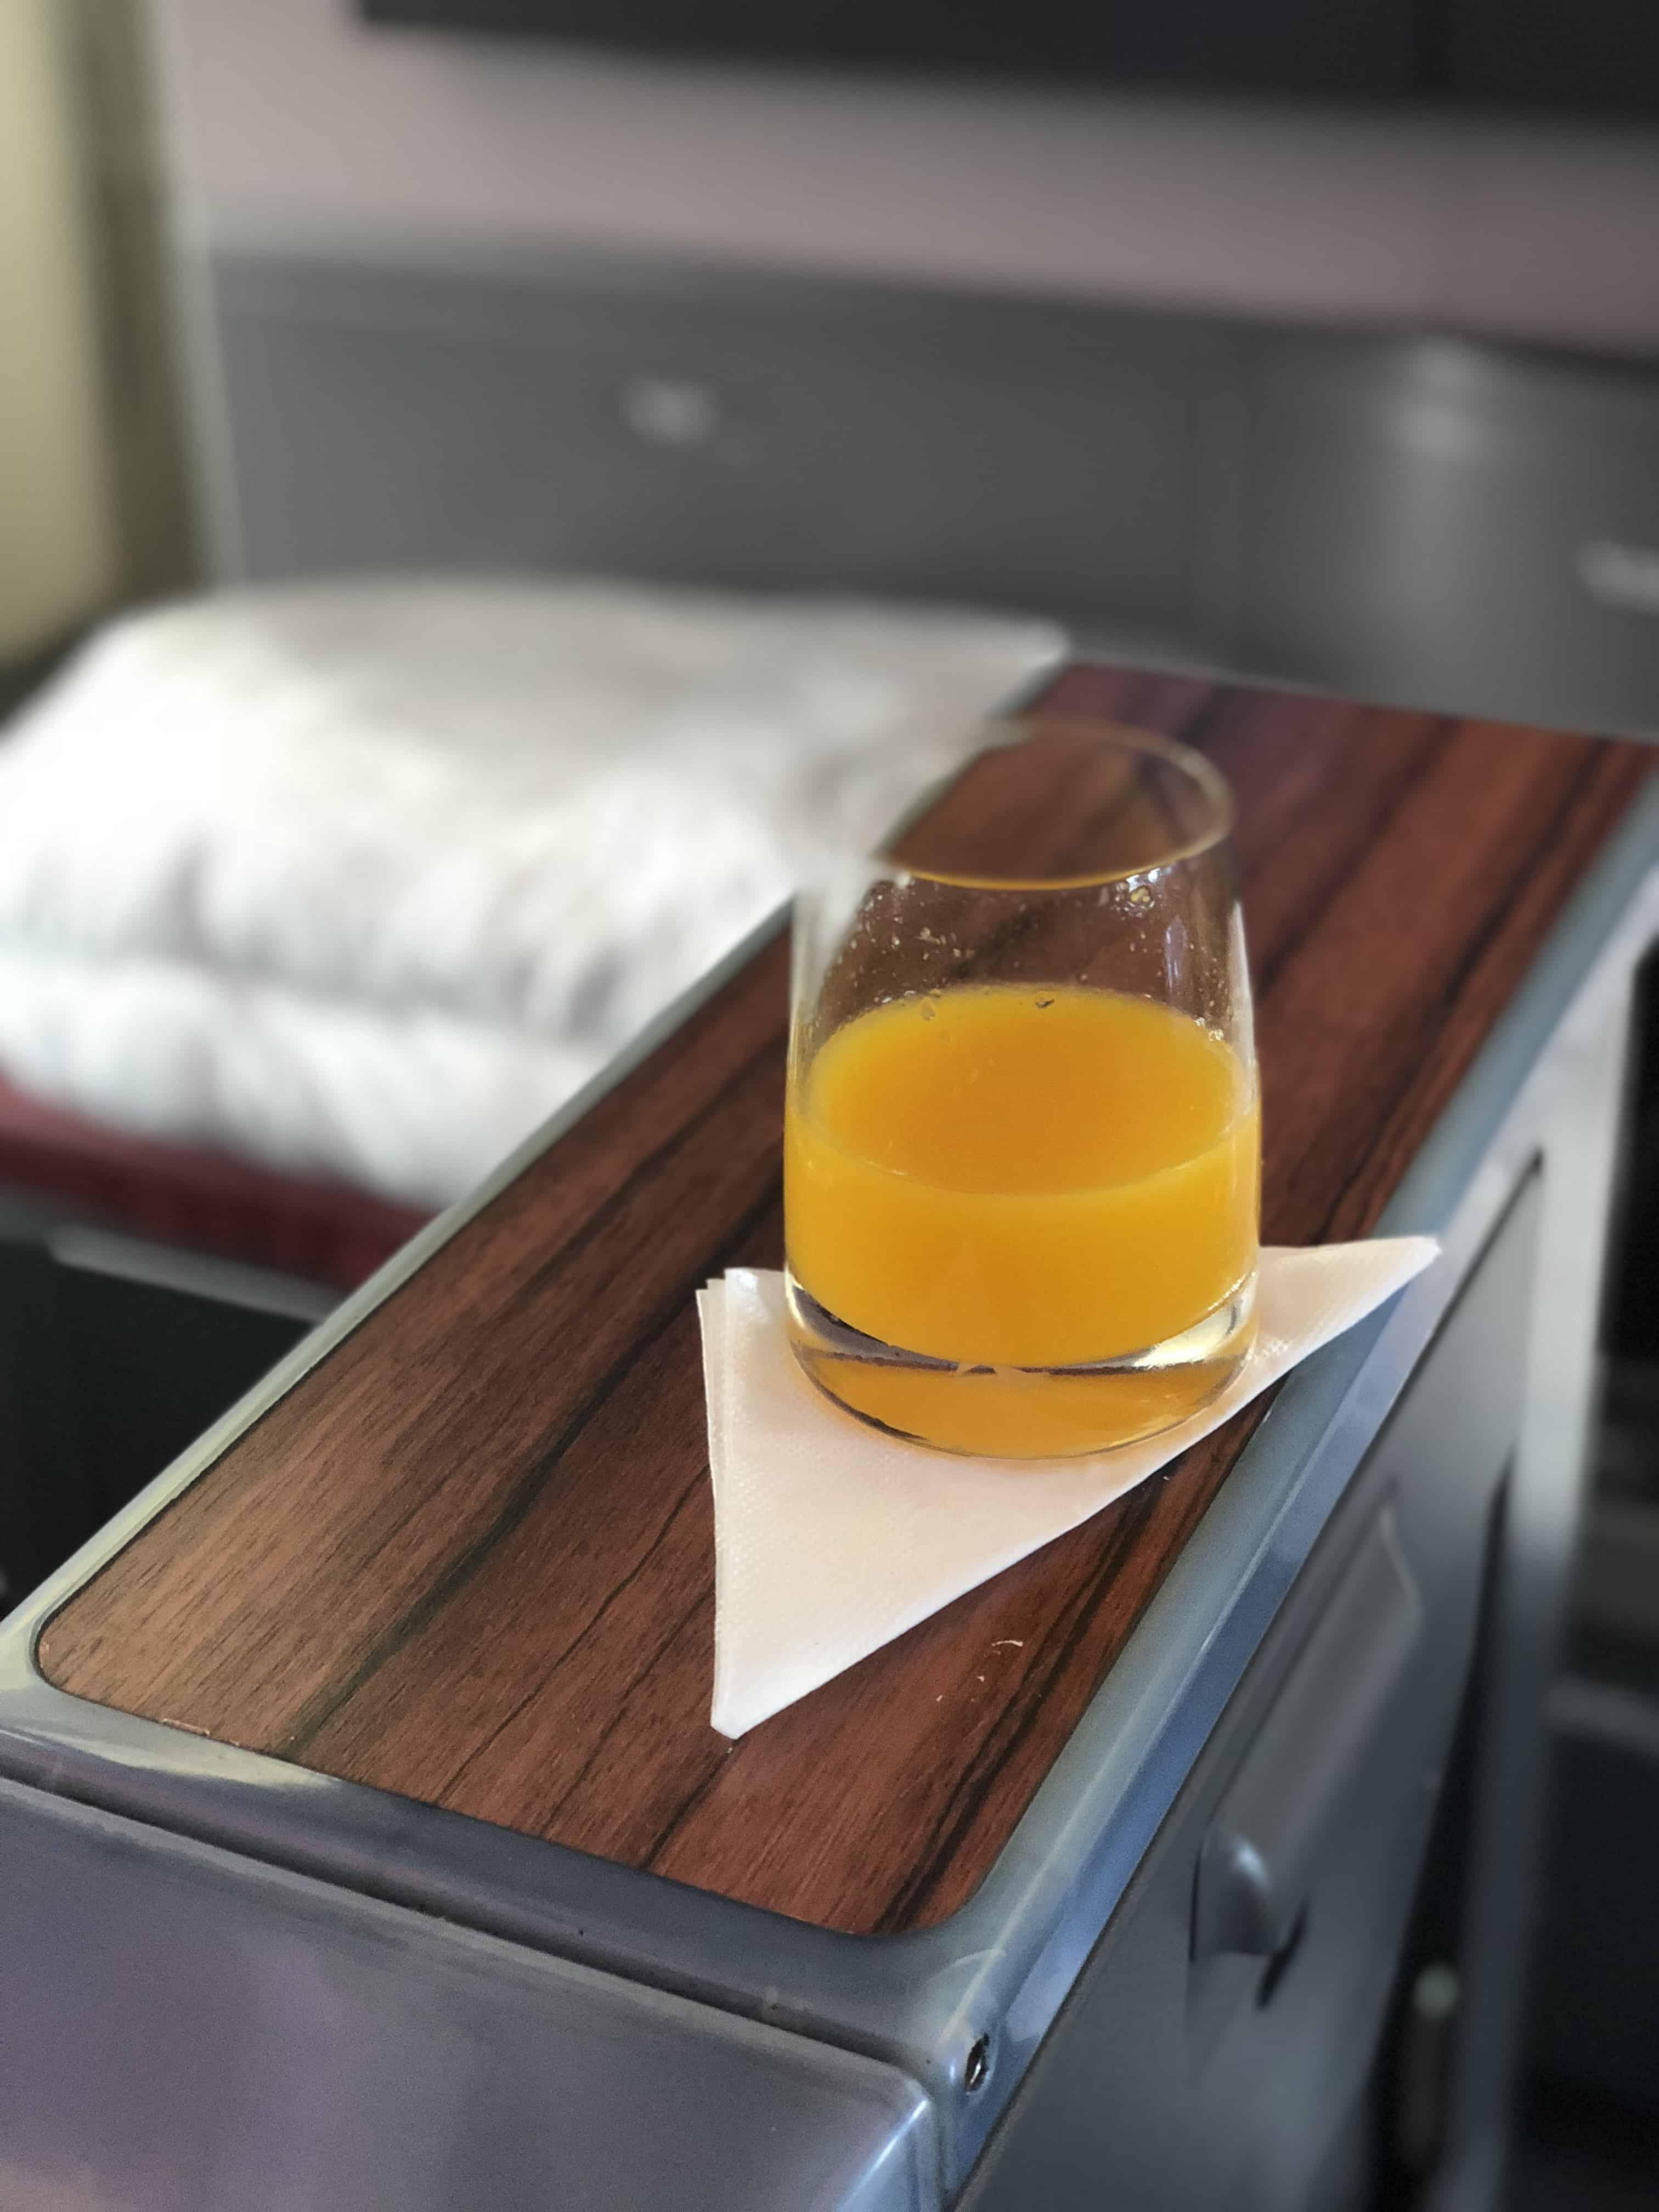 Zur Begrüßung wird in der LATAM Business Class ein Glas Orangensaft gereicht.